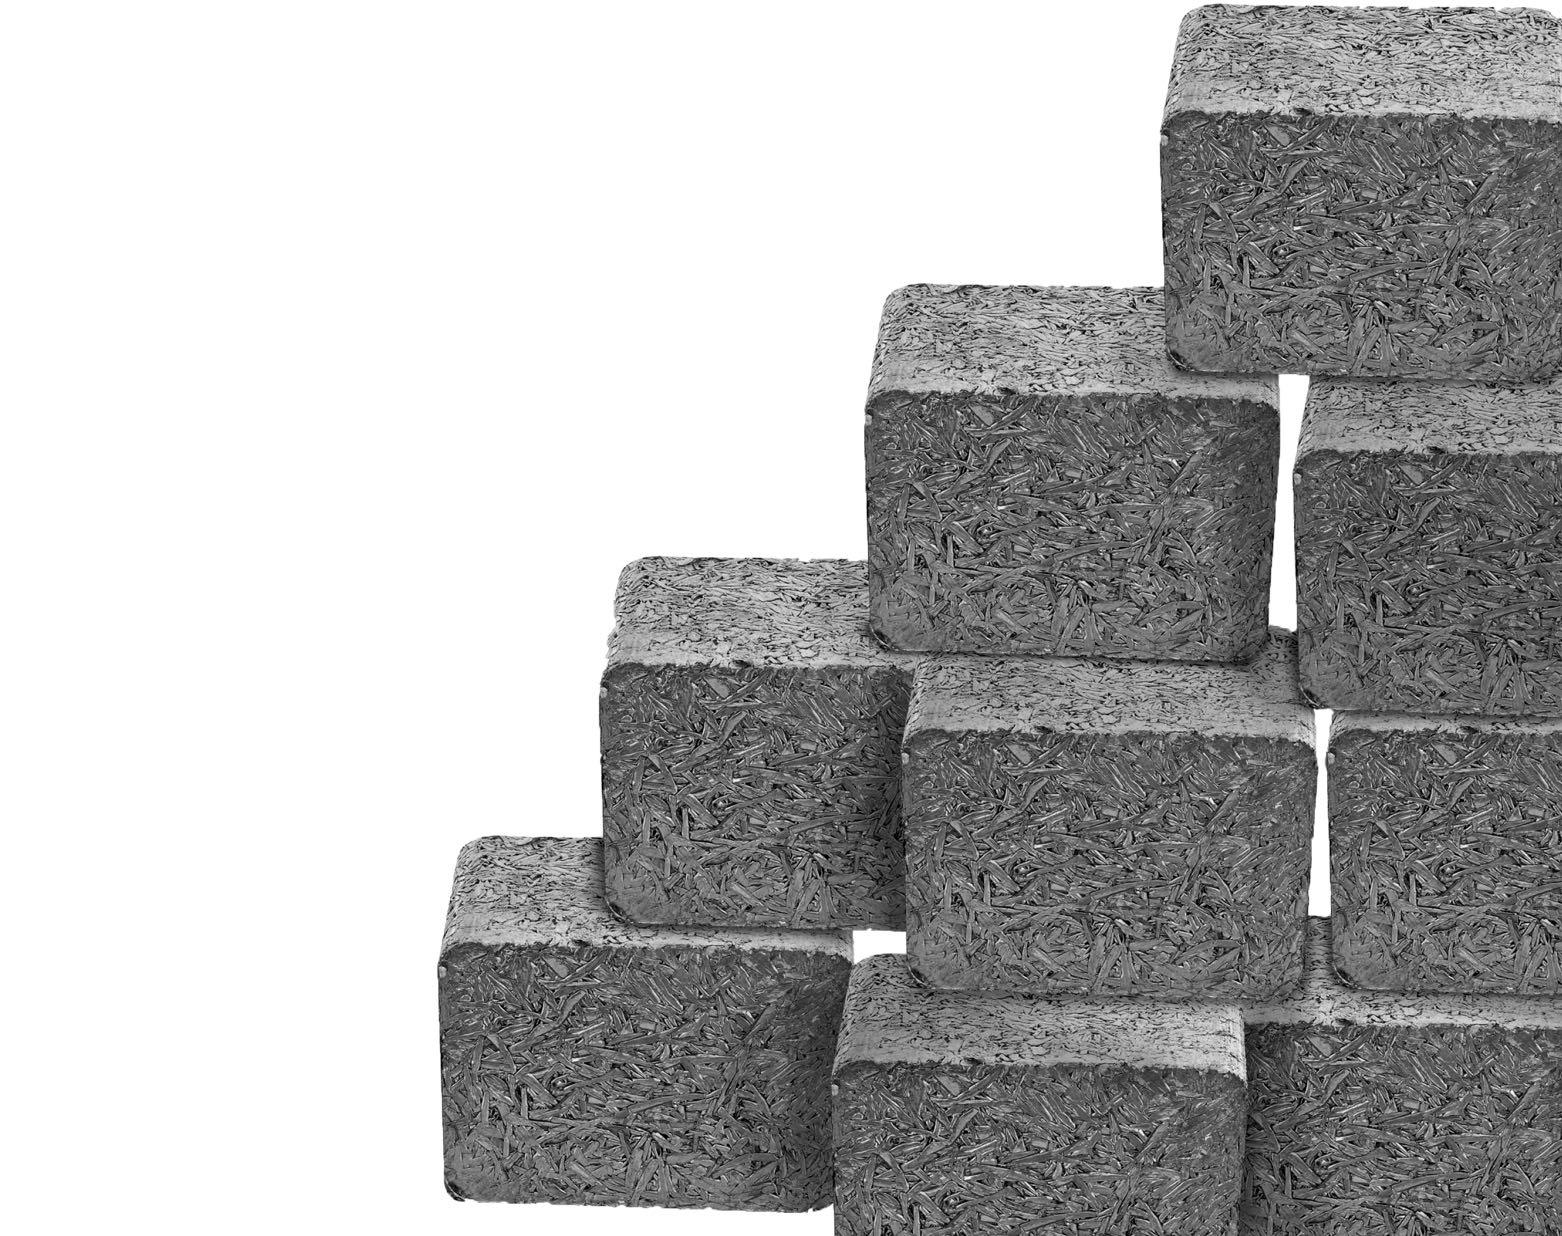 square aluminum briquettes stacked